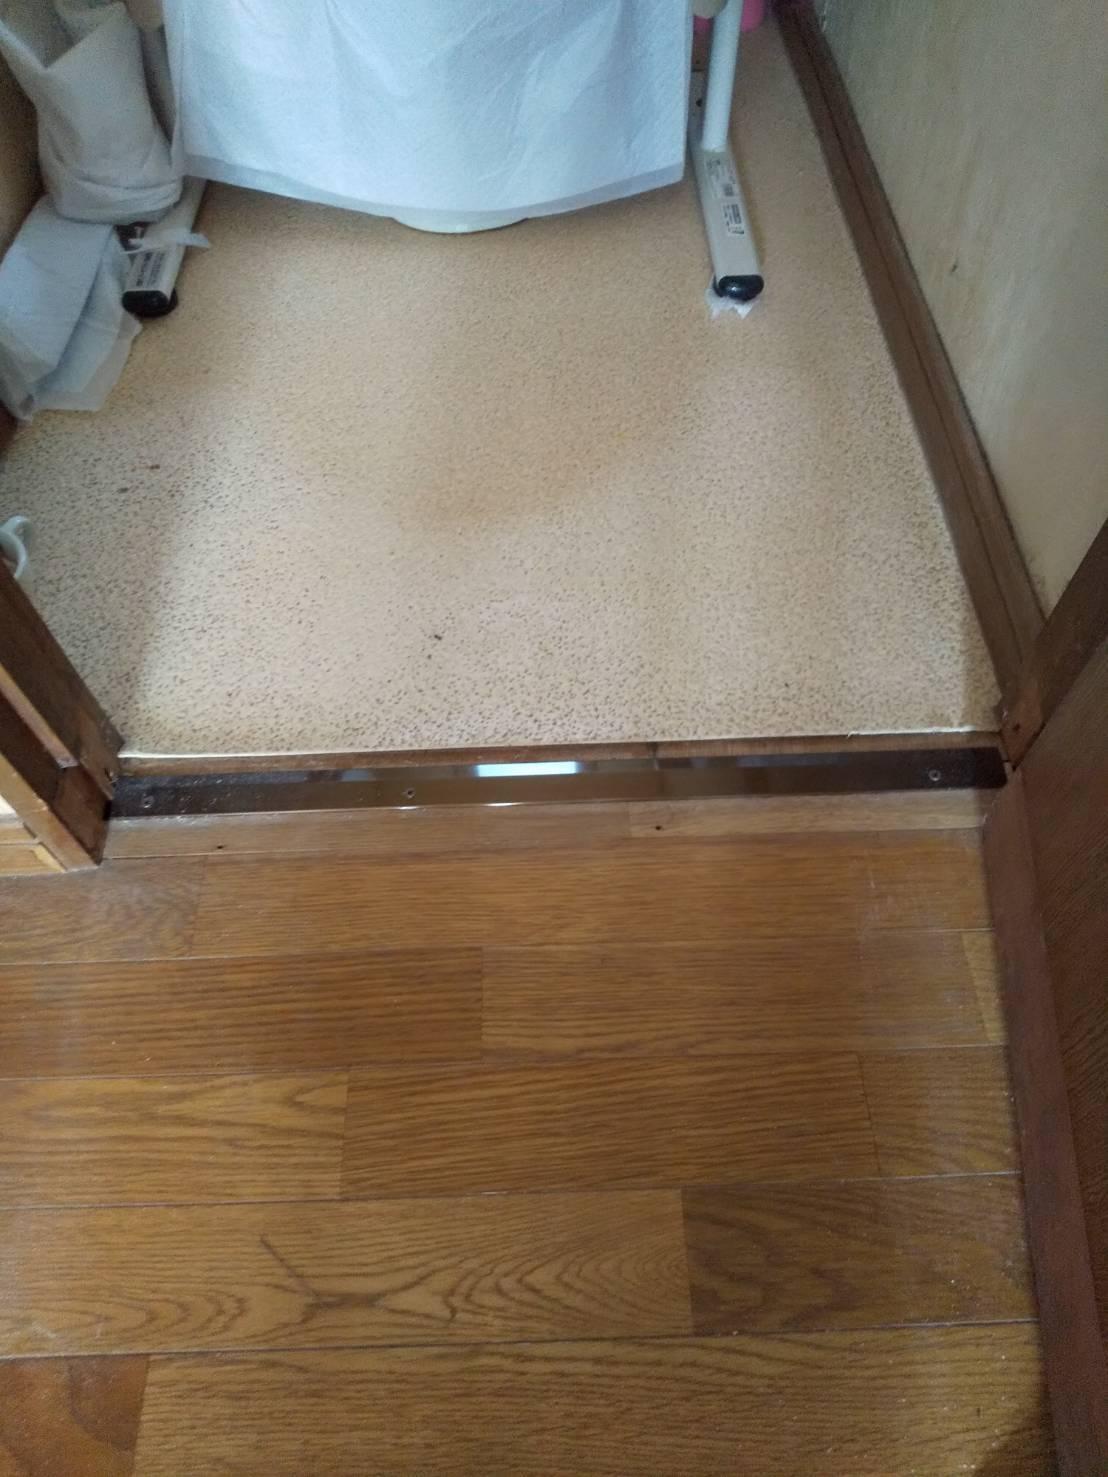 つまずきを防止するため、廊下からトイレの敷居を取り除き、への字型アルミプレートでフラットに